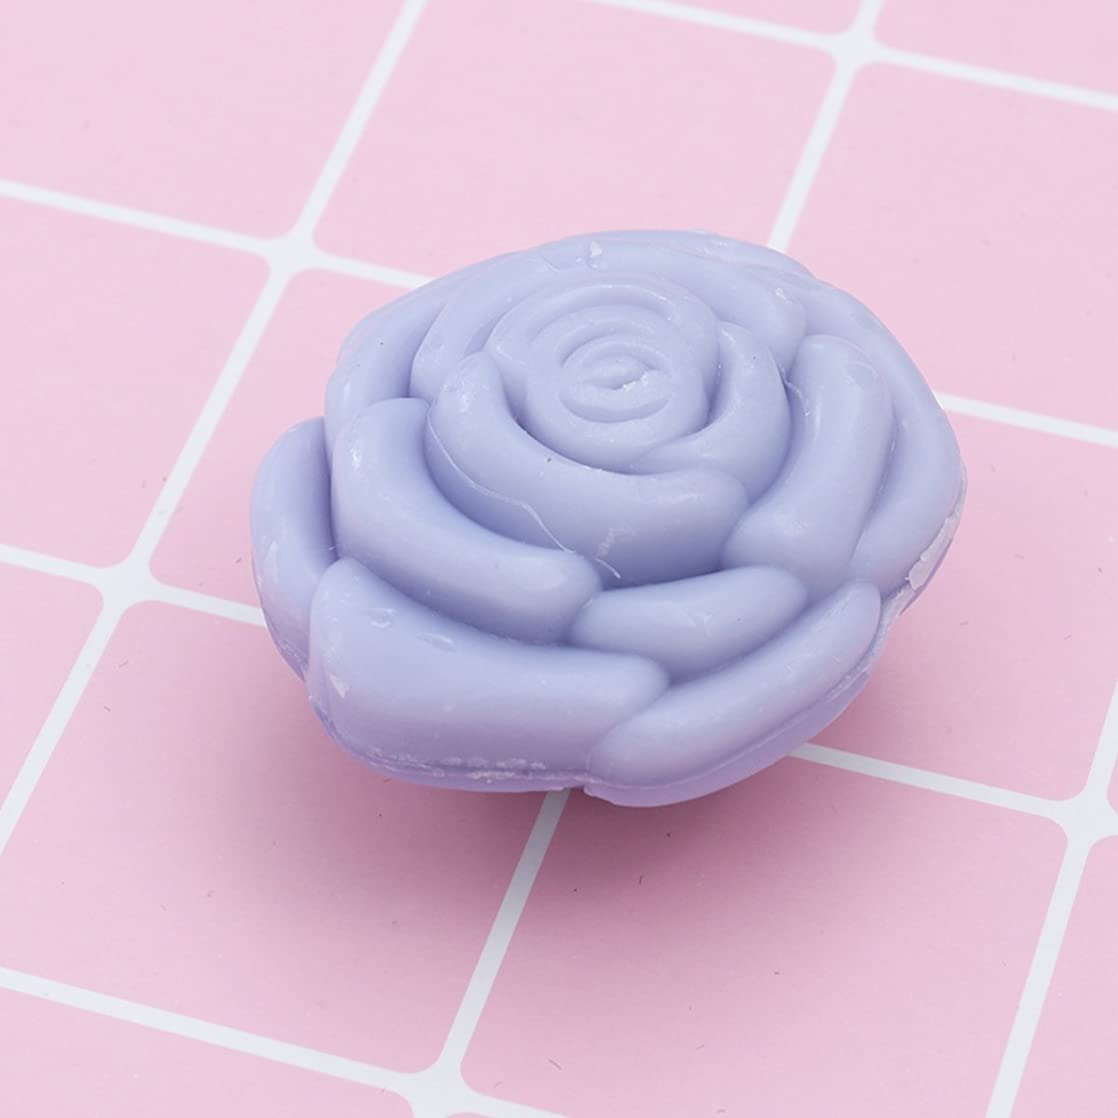 あからさまソファーつぶやきAmosfun 手作り石鹸オイルローズフラワーソープアロマエッセンシャルオイルギフト記念日誕生日結婚式バレンタインデー(紫)20ピース